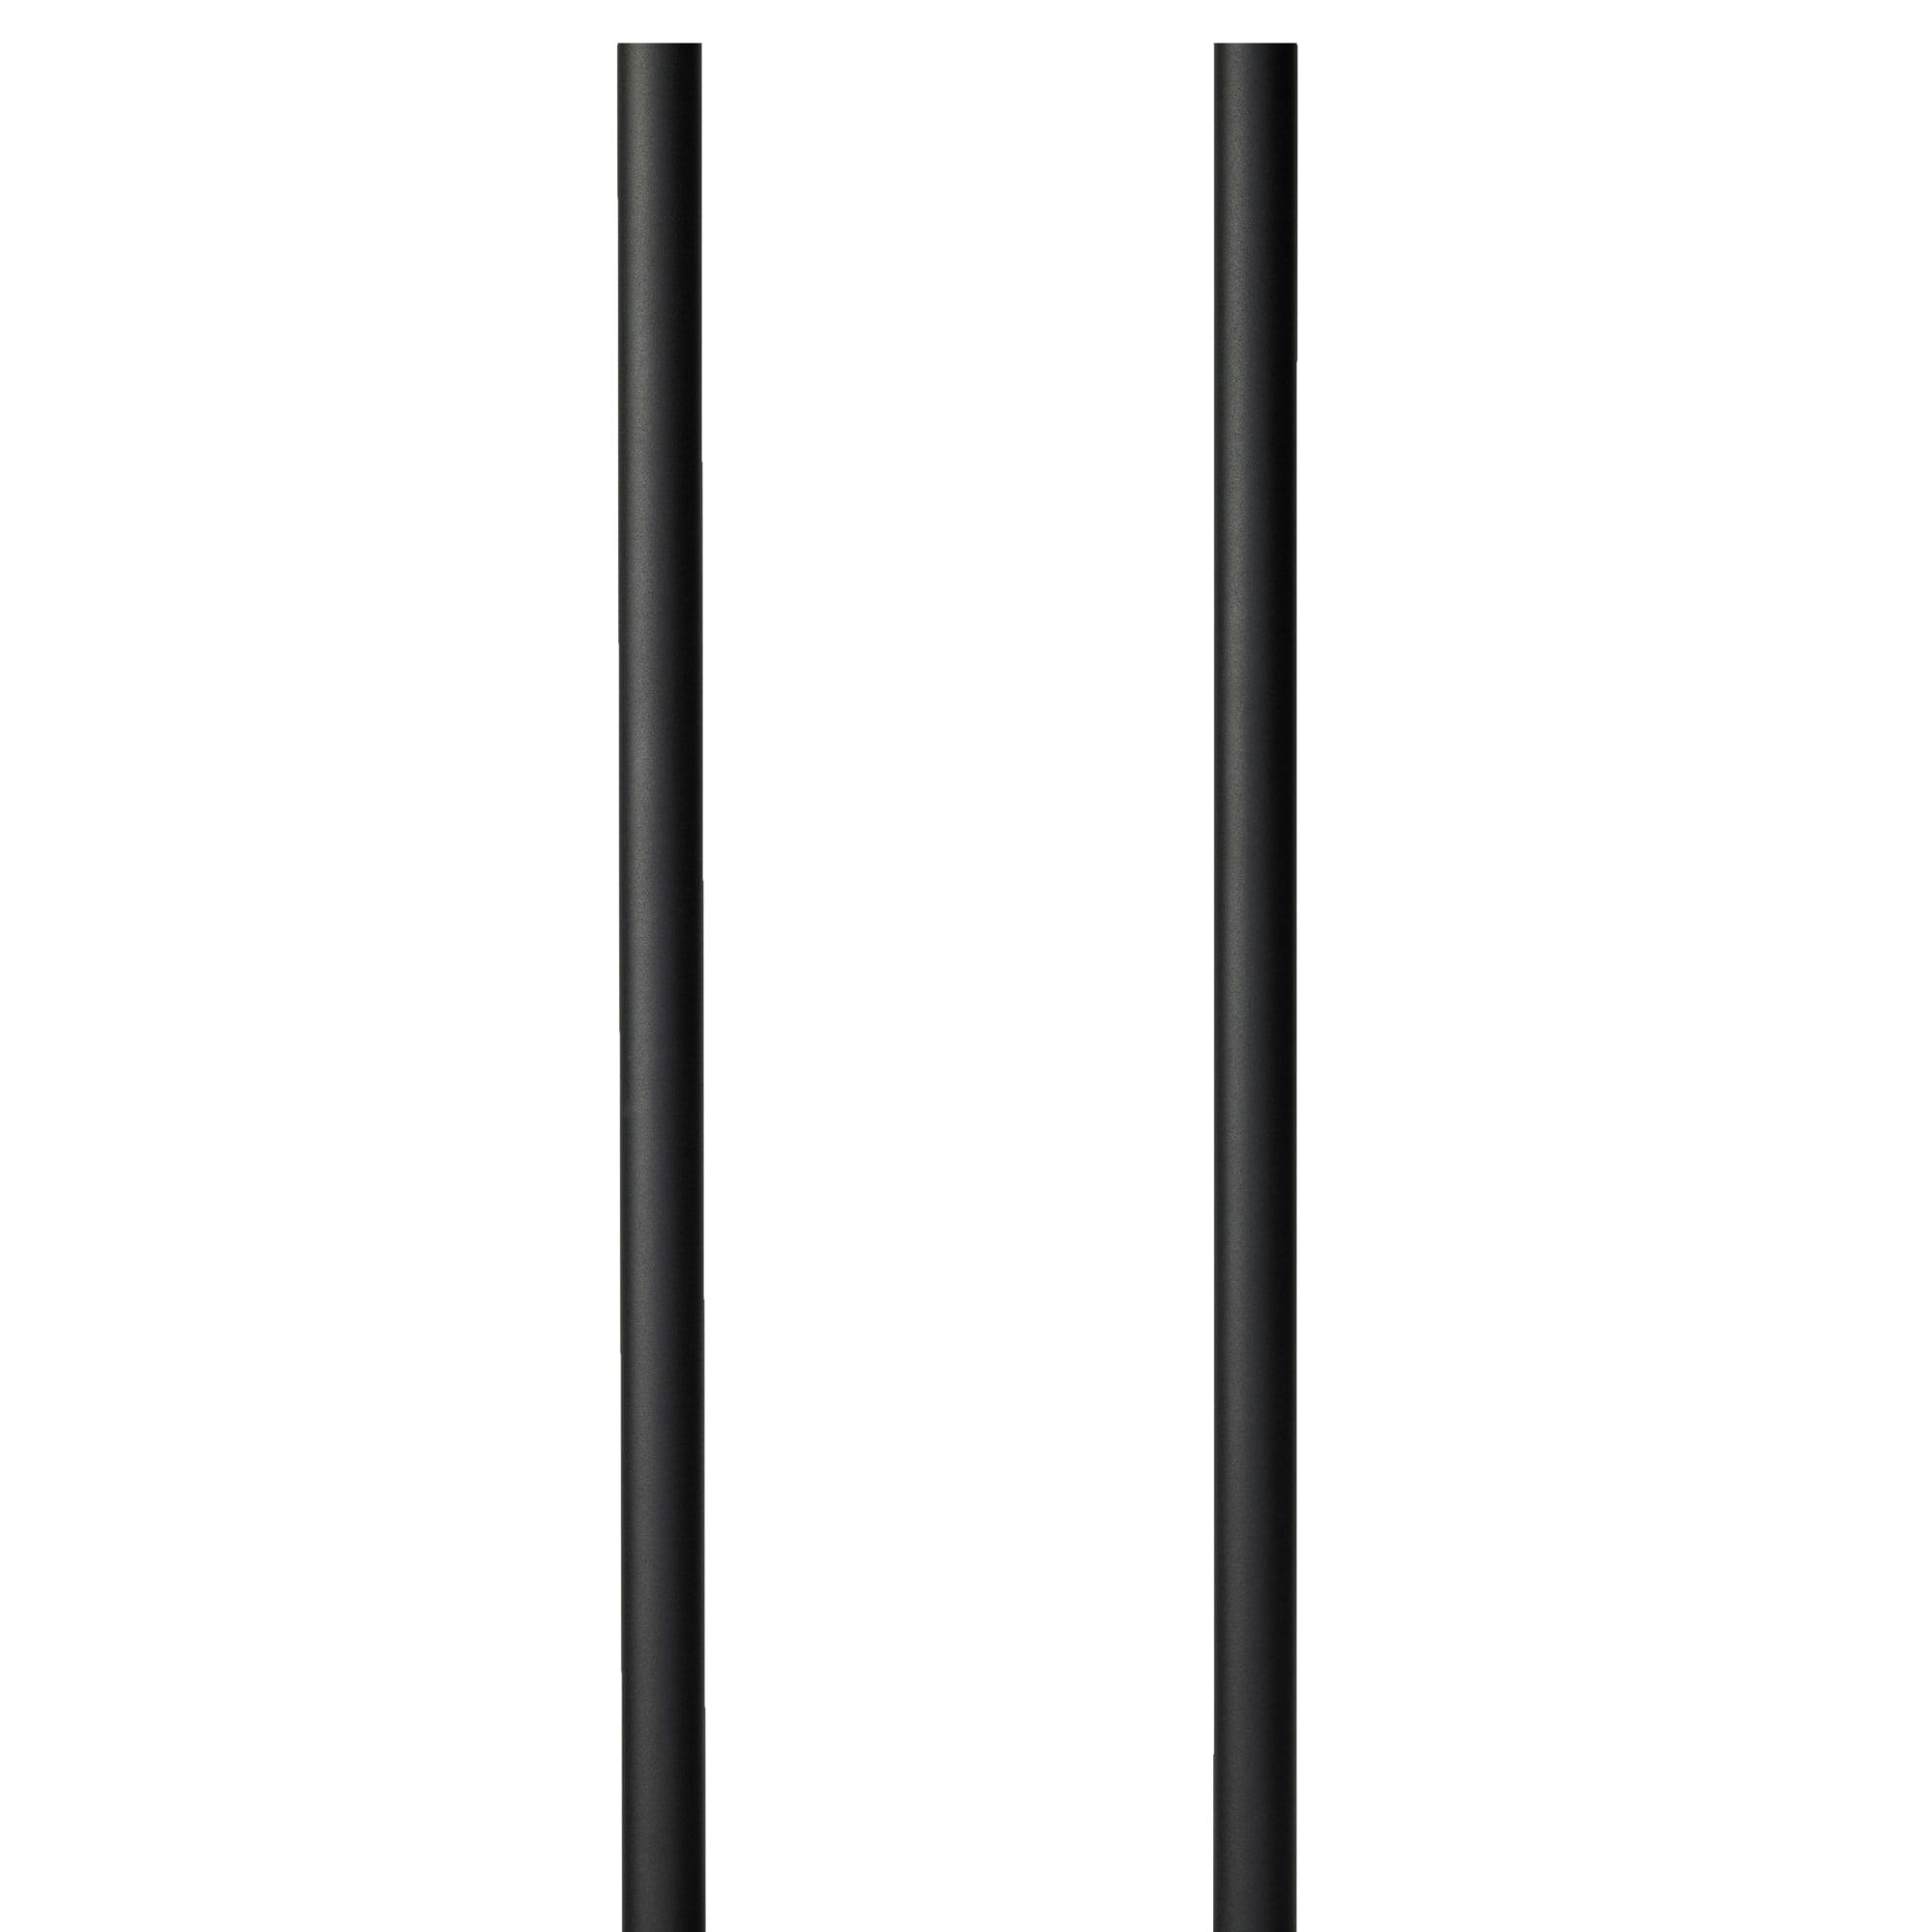 H 150 cm